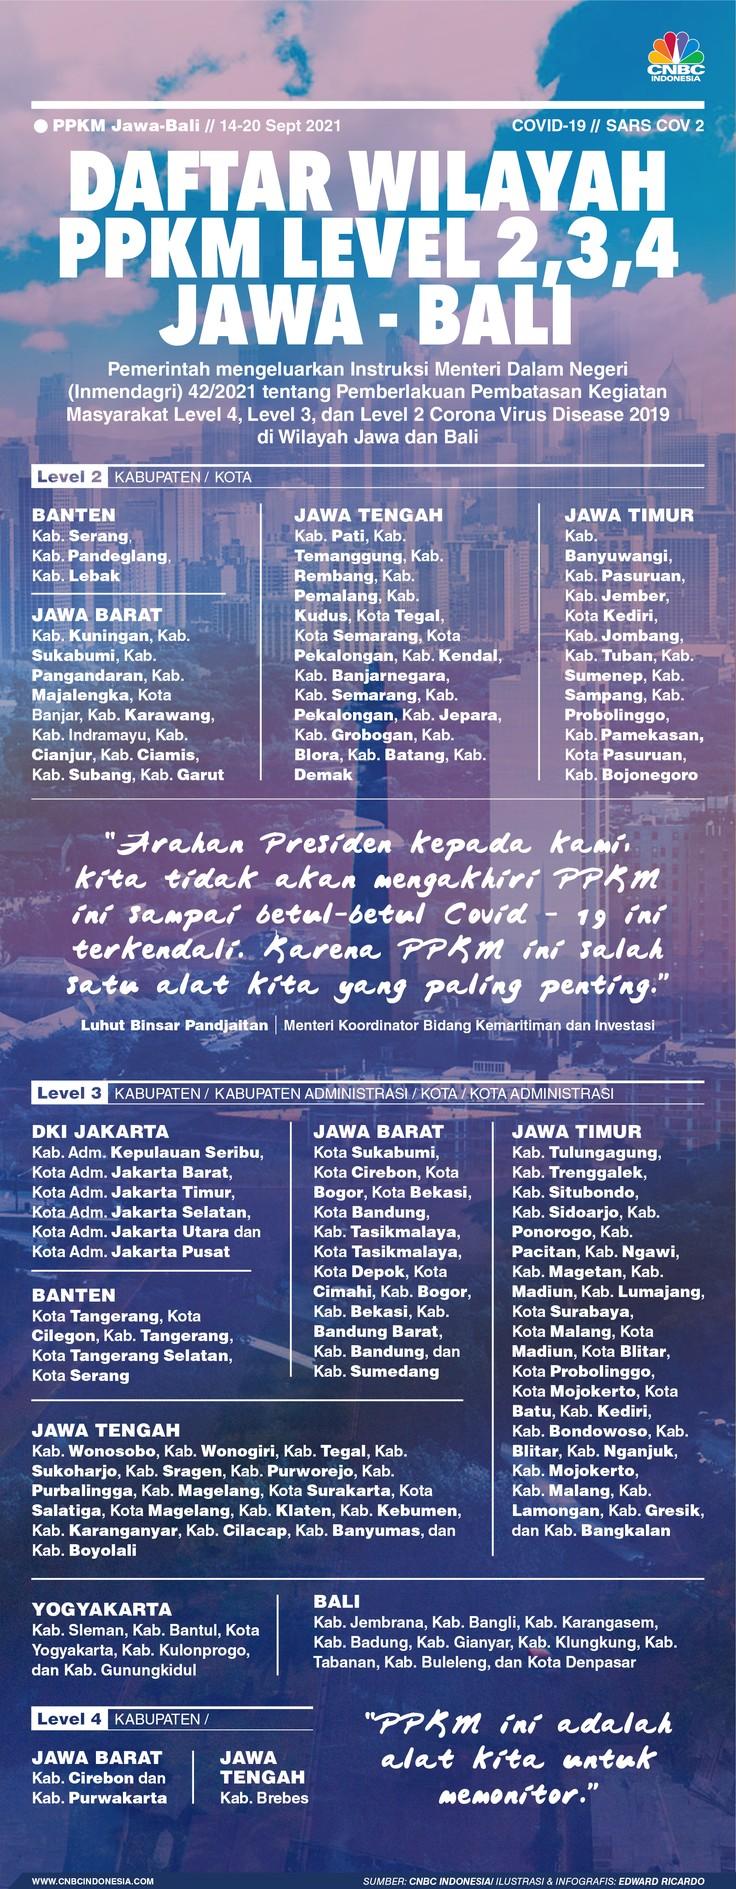 INFOGRAFIS, Daftar Lengkap Wilayah PPKM Level 2,3,4 Jawa - Bali